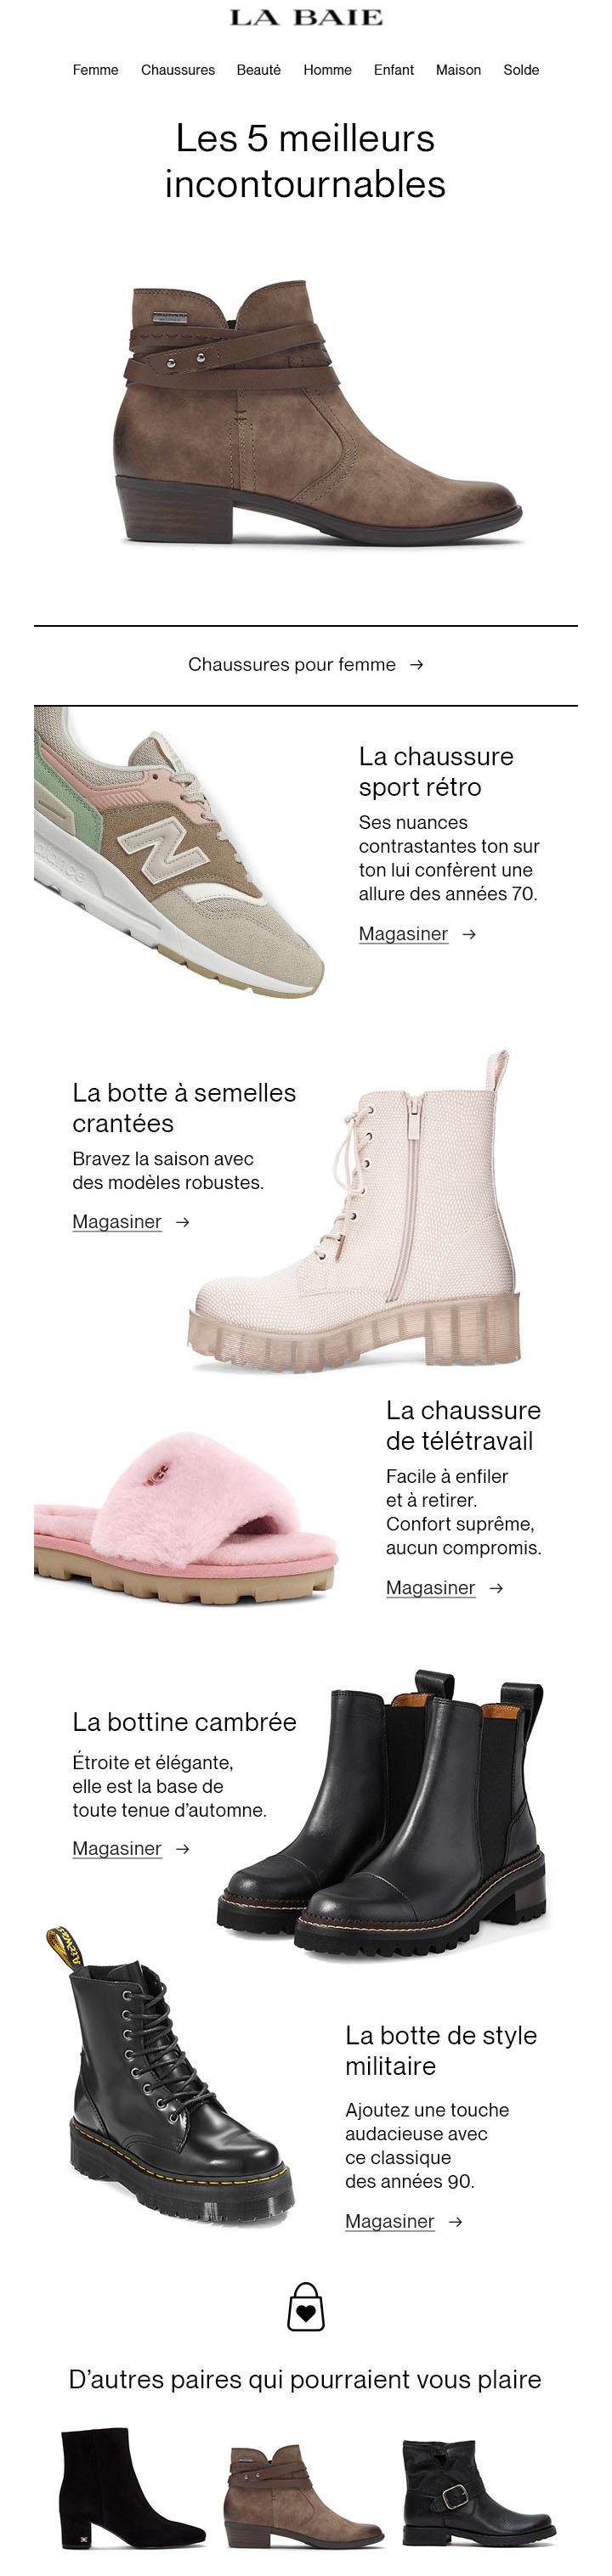 5 Paires De Chaussures Qui Méritent Une Place Dans Votre Garde Robe